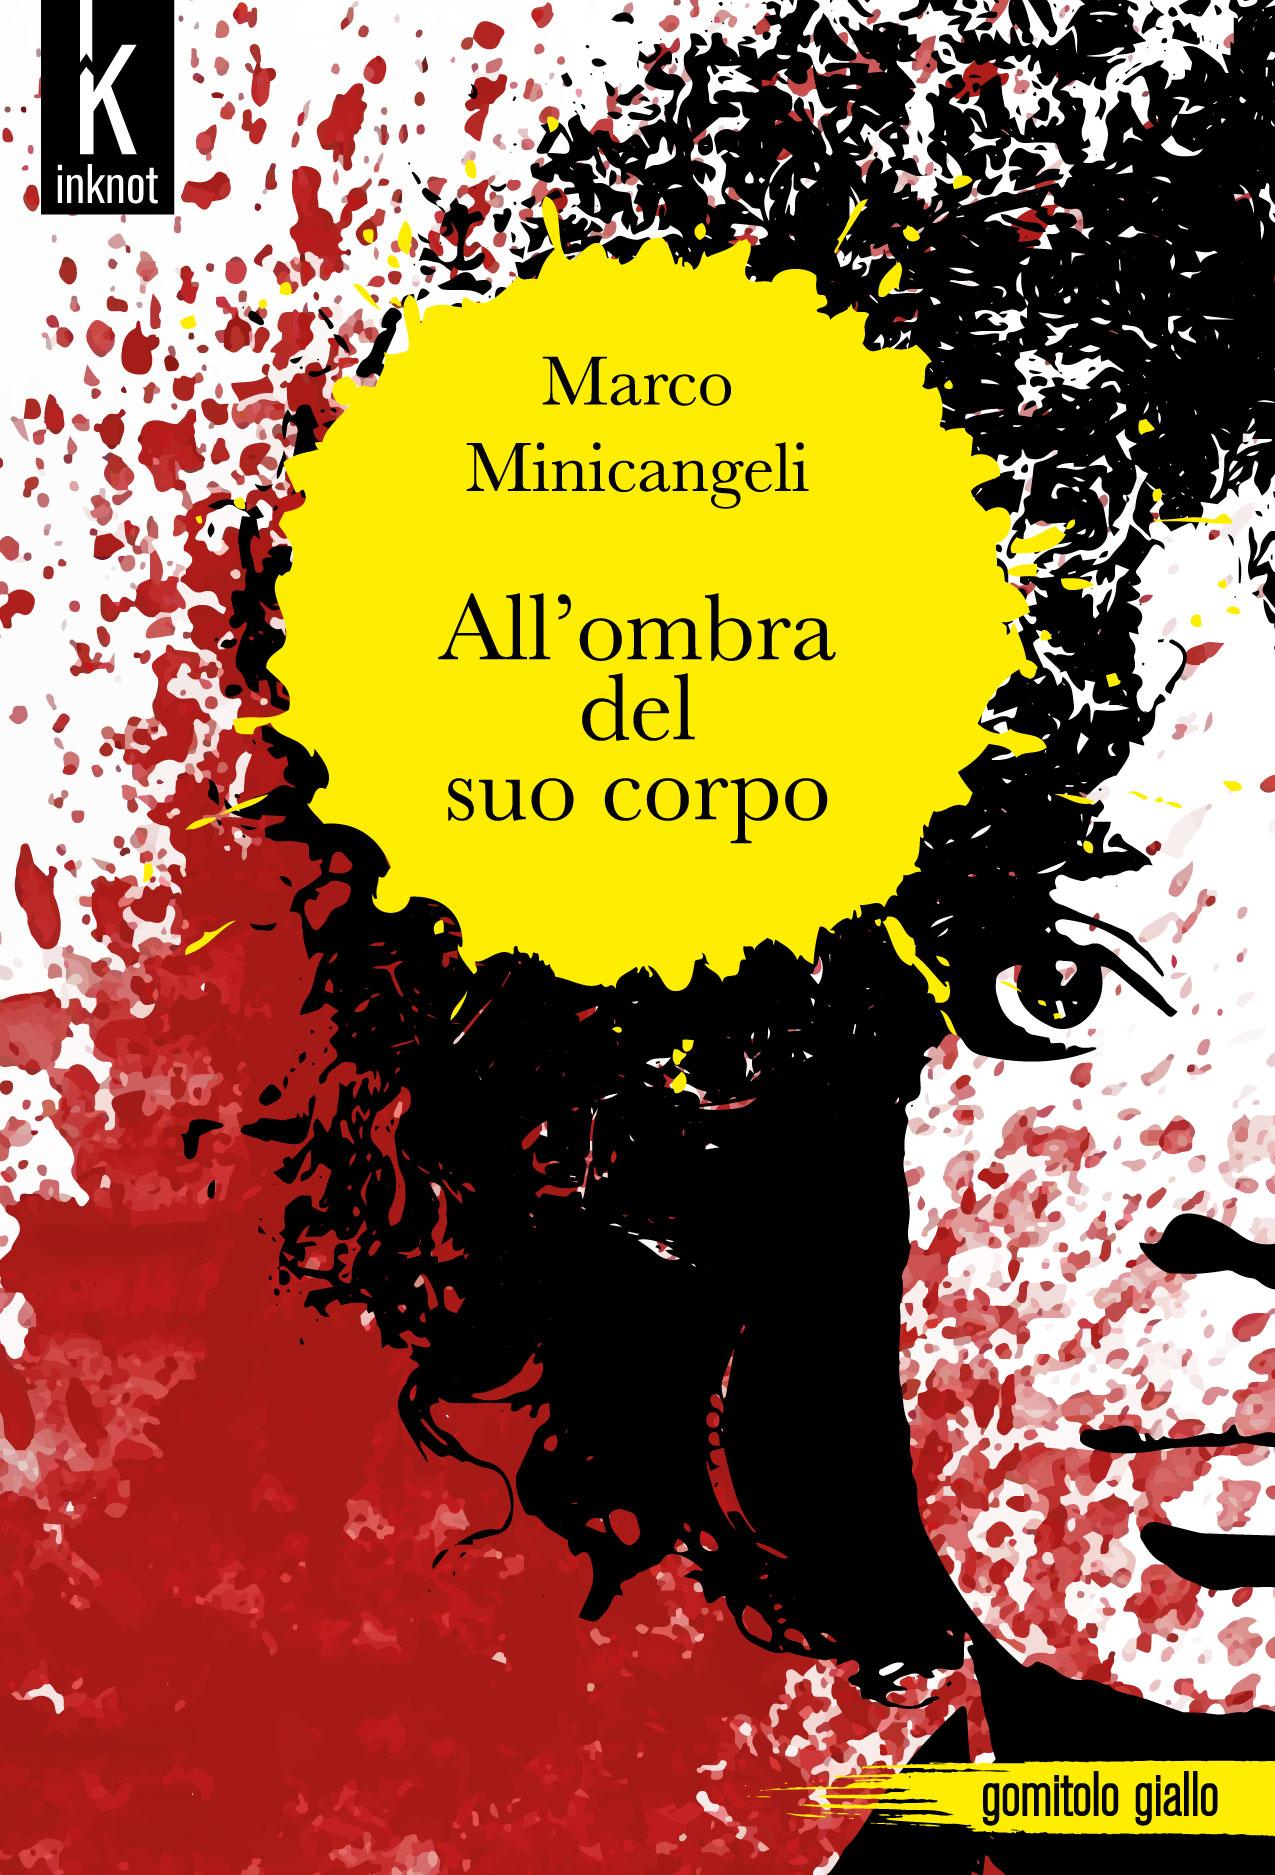 Risultati immagini per All'ombra del suo corpo, romanzo di Marco Minicangeli